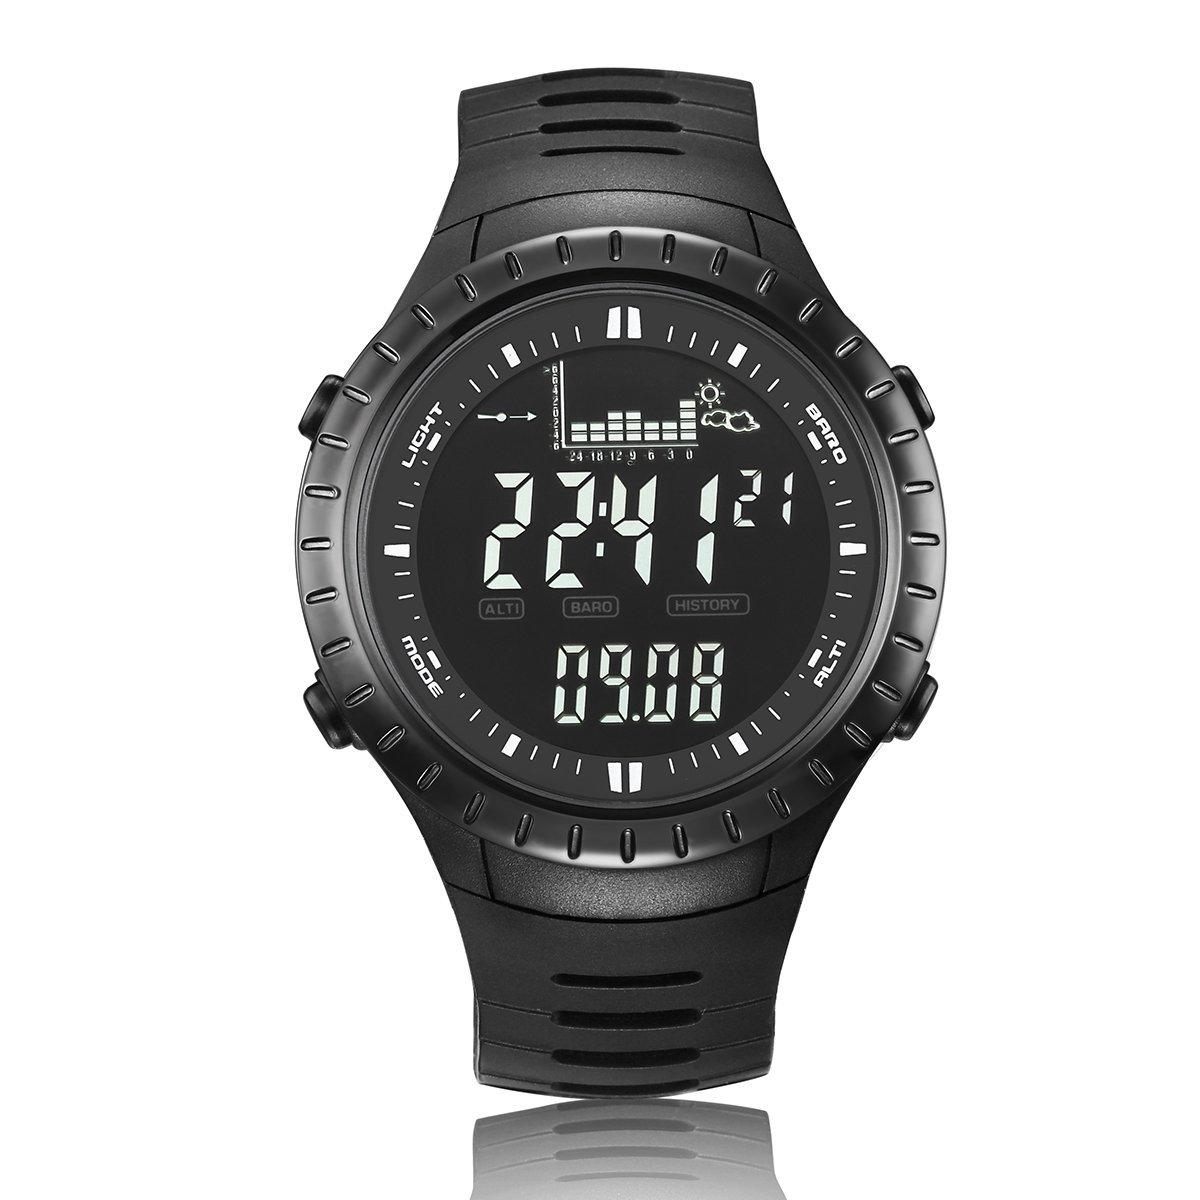 JUSHENG Spovan Multi function Men Black Sports Alarm Altimeter Fishing Quartz Watches Electronic Fishing Barometer by JUSHENG